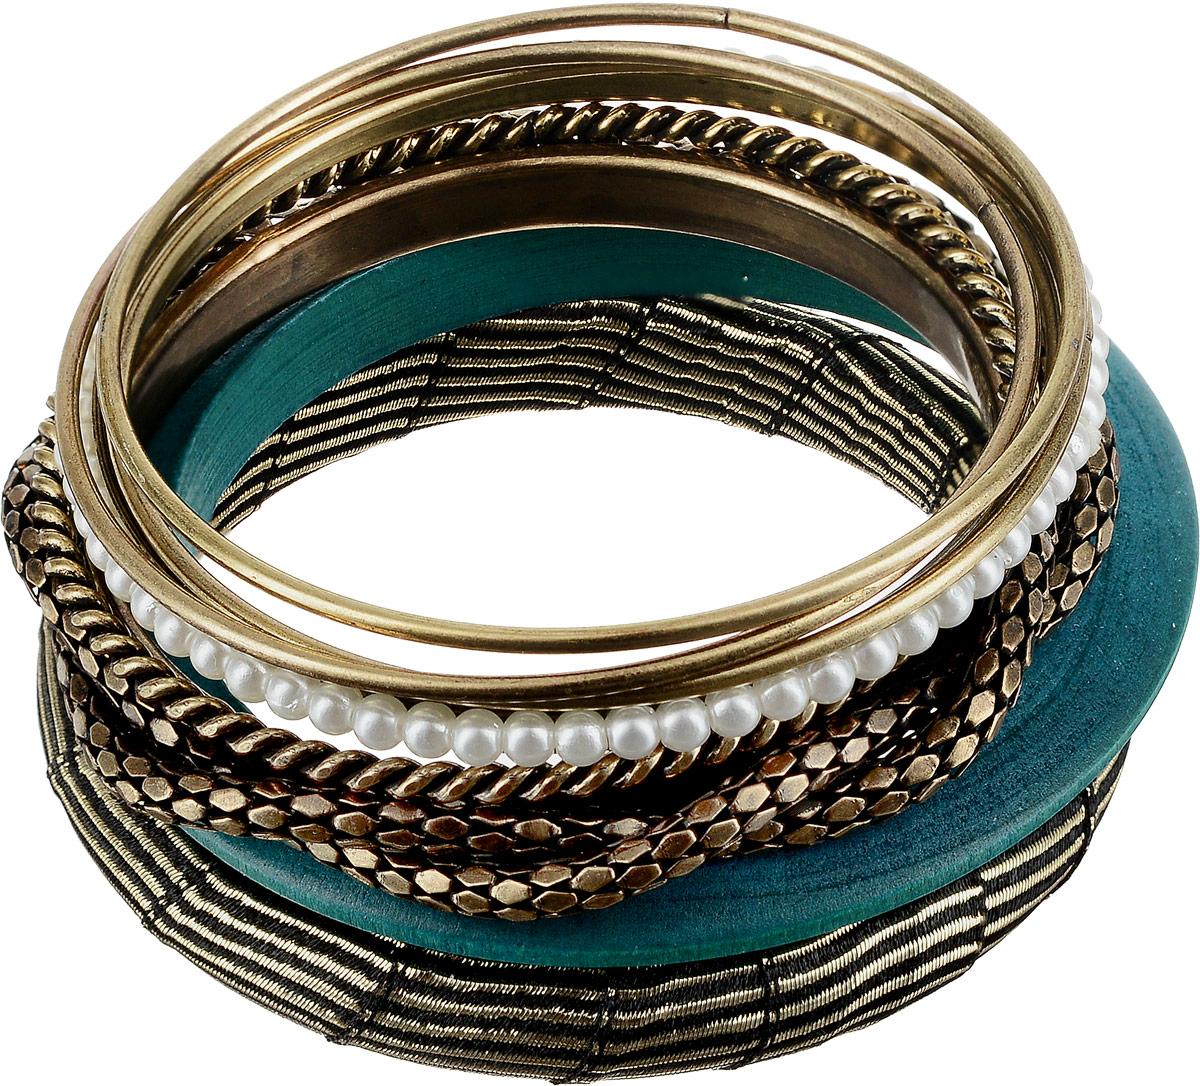 Набор браслетов женский Art-Silver, цвет: золотой, 8 шт. 50-21252-56439881|Браслет с подвескамиНабор браслетов от Art-Silver состоит из восьми браслетов: три гладких выполнены из бижутерного сплава, браслет из дерева, массивный браслет с текстильным покрытием дополнен металлизированной нитью, два рифленых браслета из бижутерного сплава, браслет с жемчугом из бижутерного сплава.